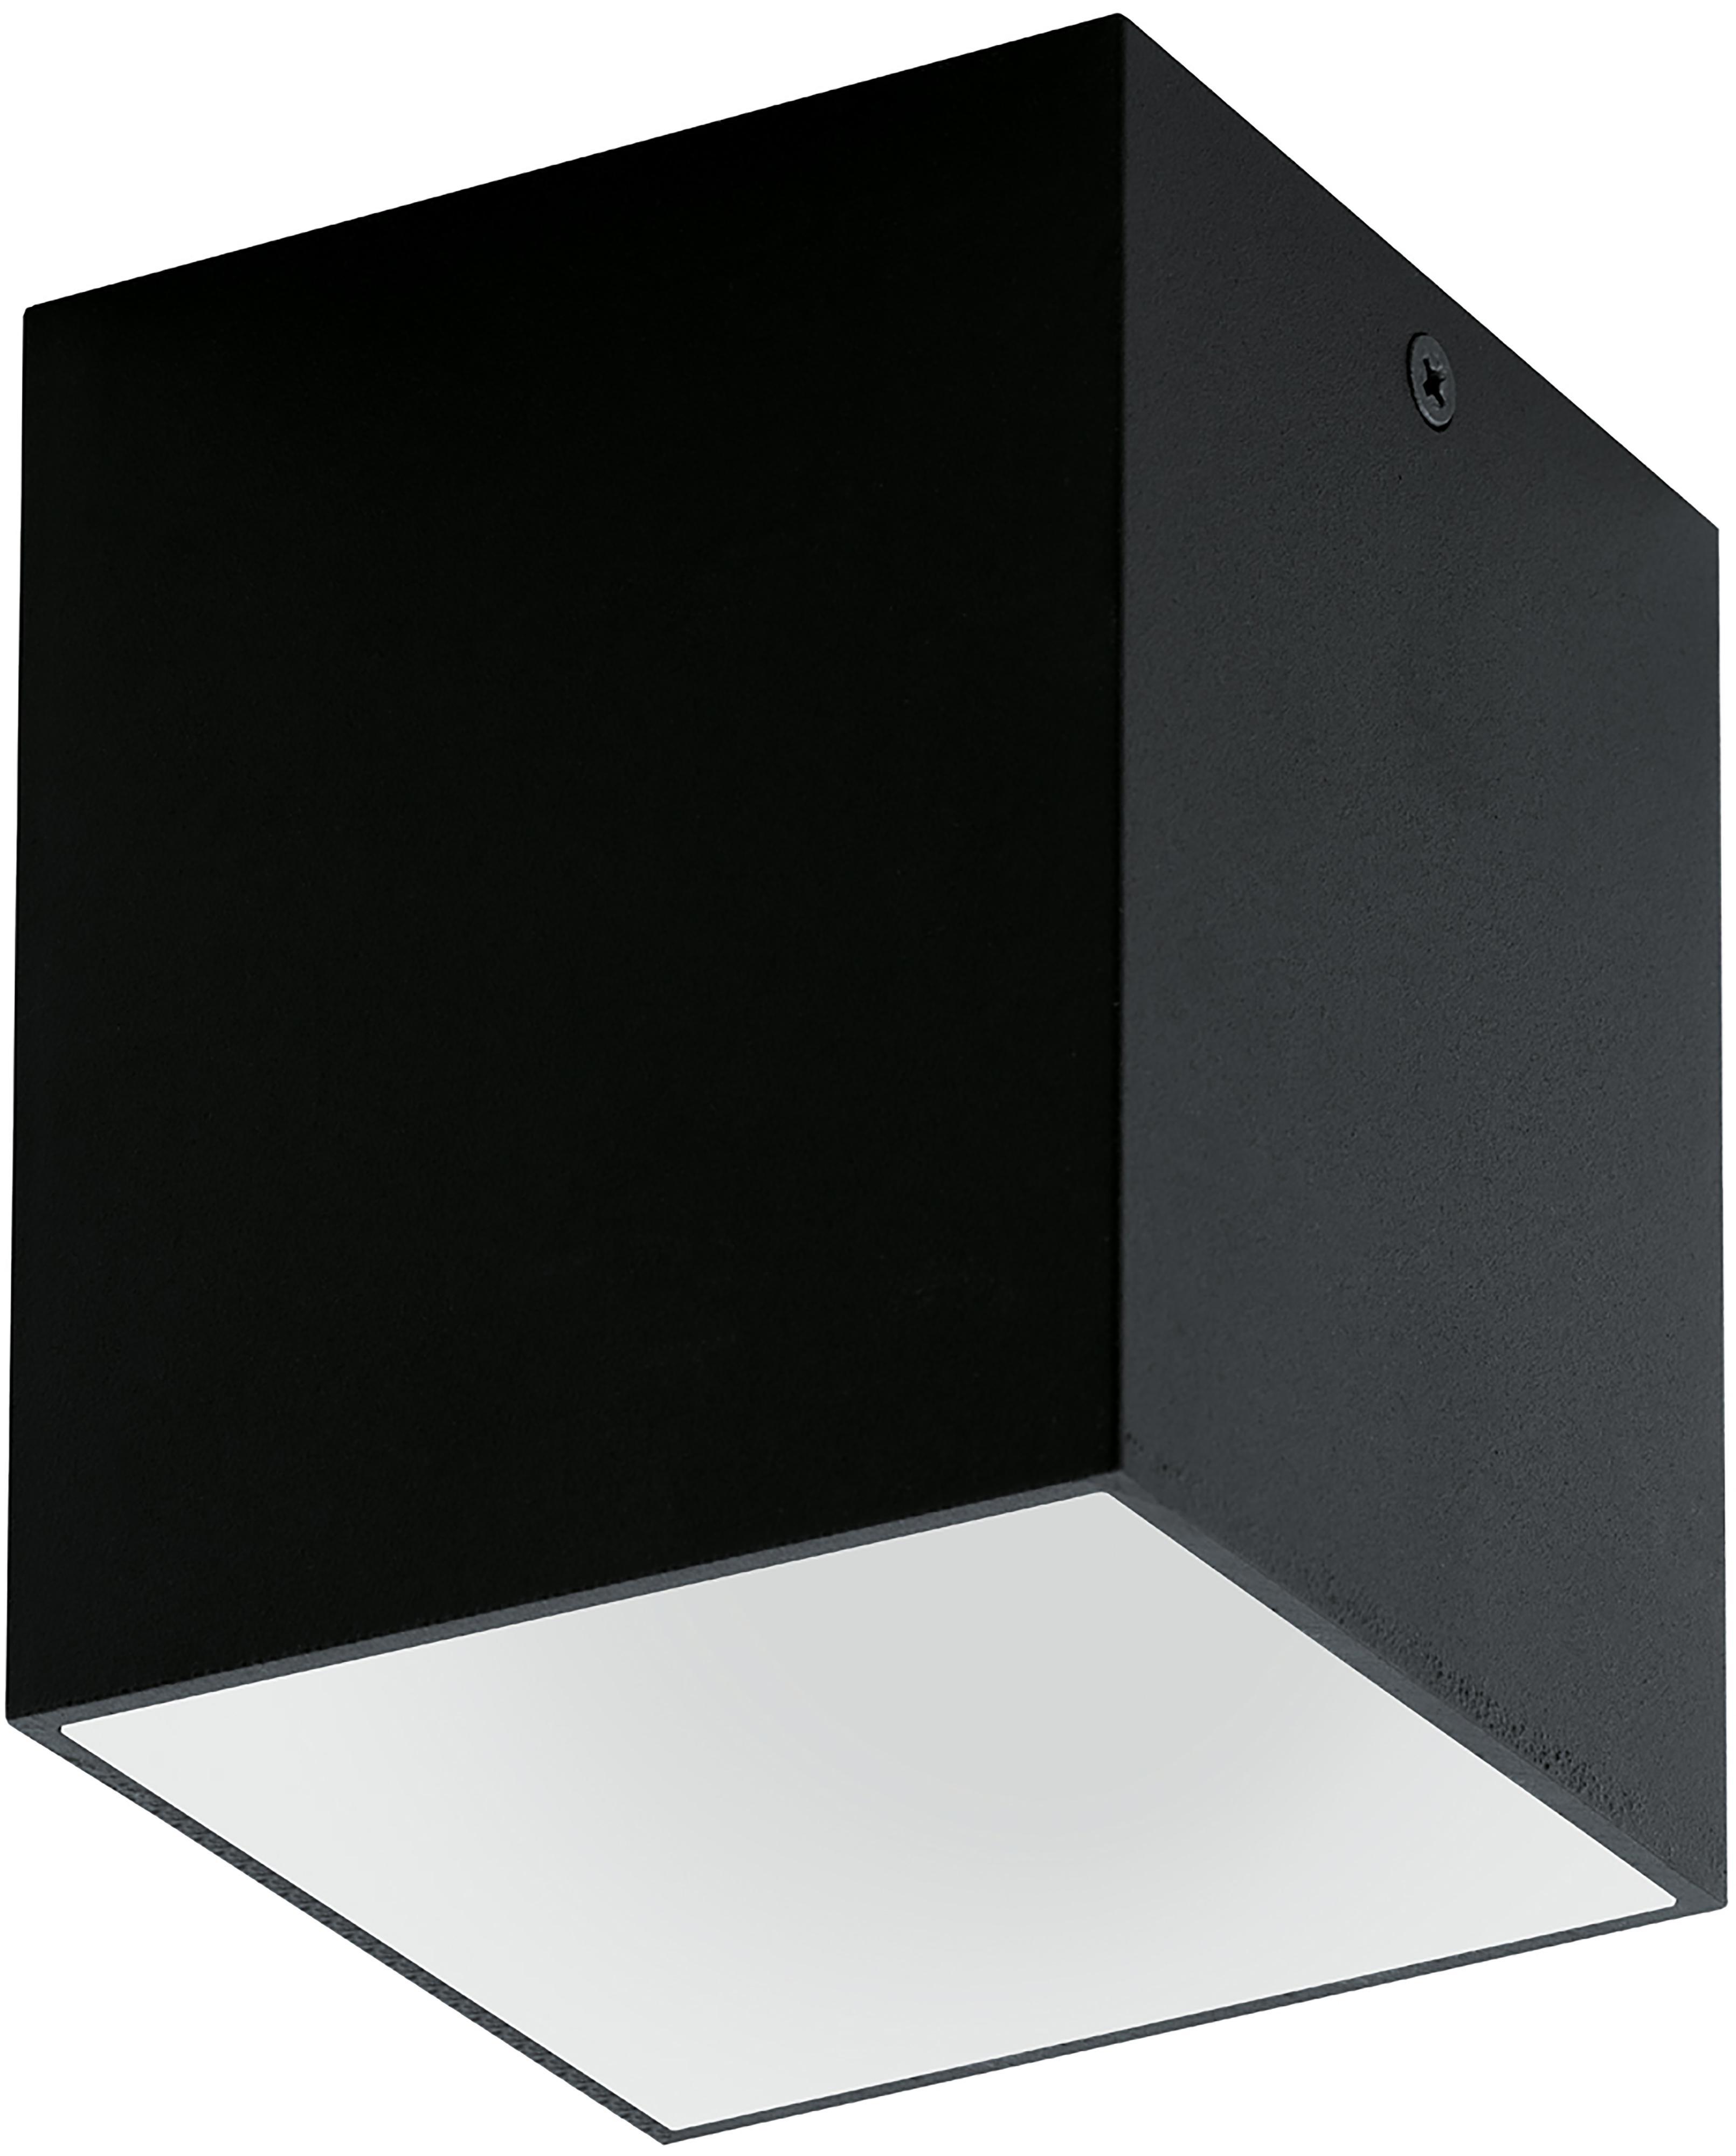 Plafondlamp Marty, Gepoedercoat metaal, Zwart, wit, 10 x 12 cm